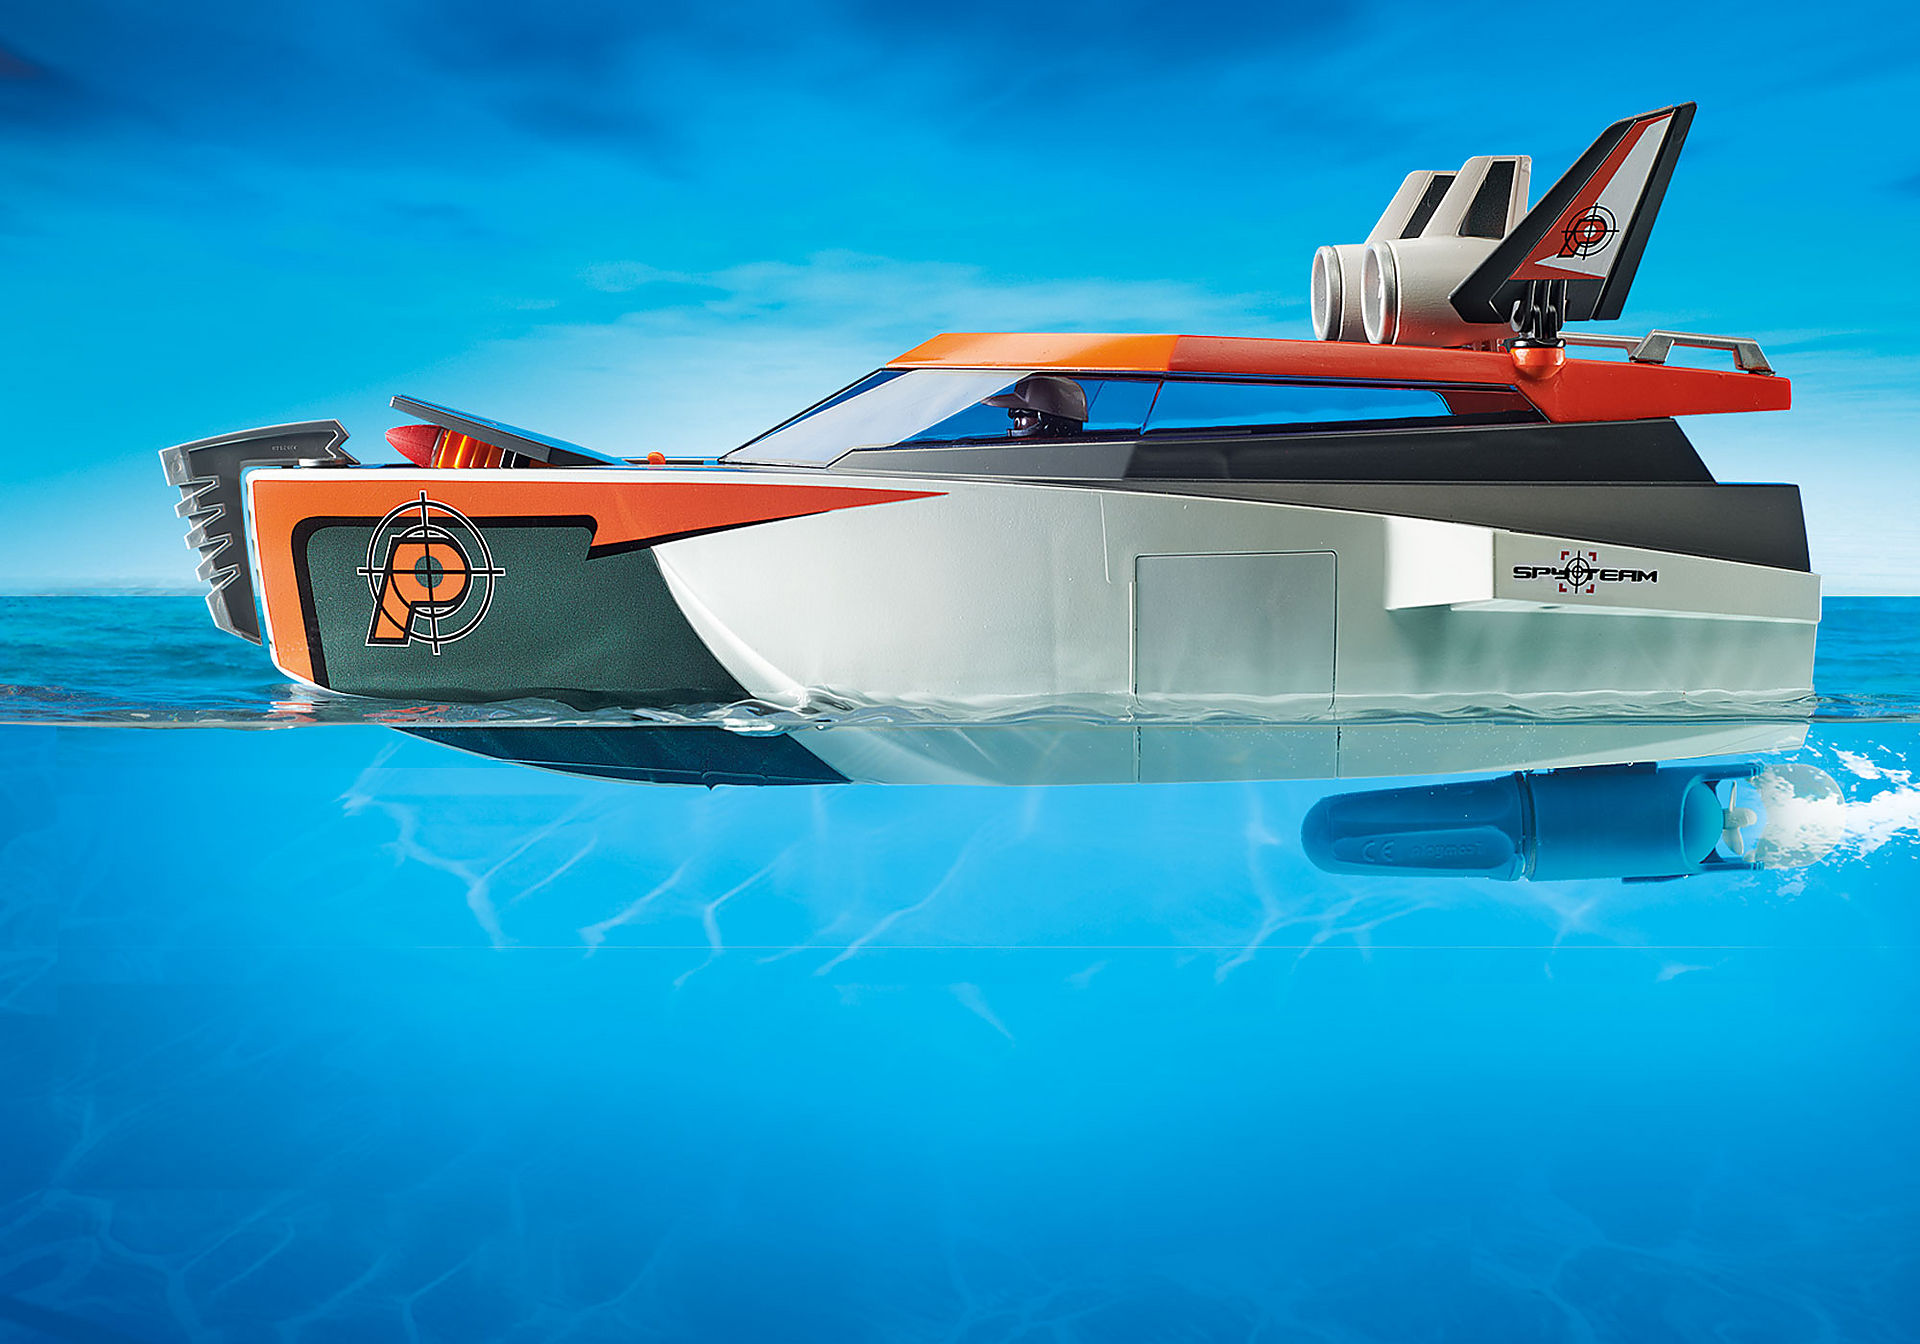 70002 Motoscafo Turbo dello Spy Team zoom image5